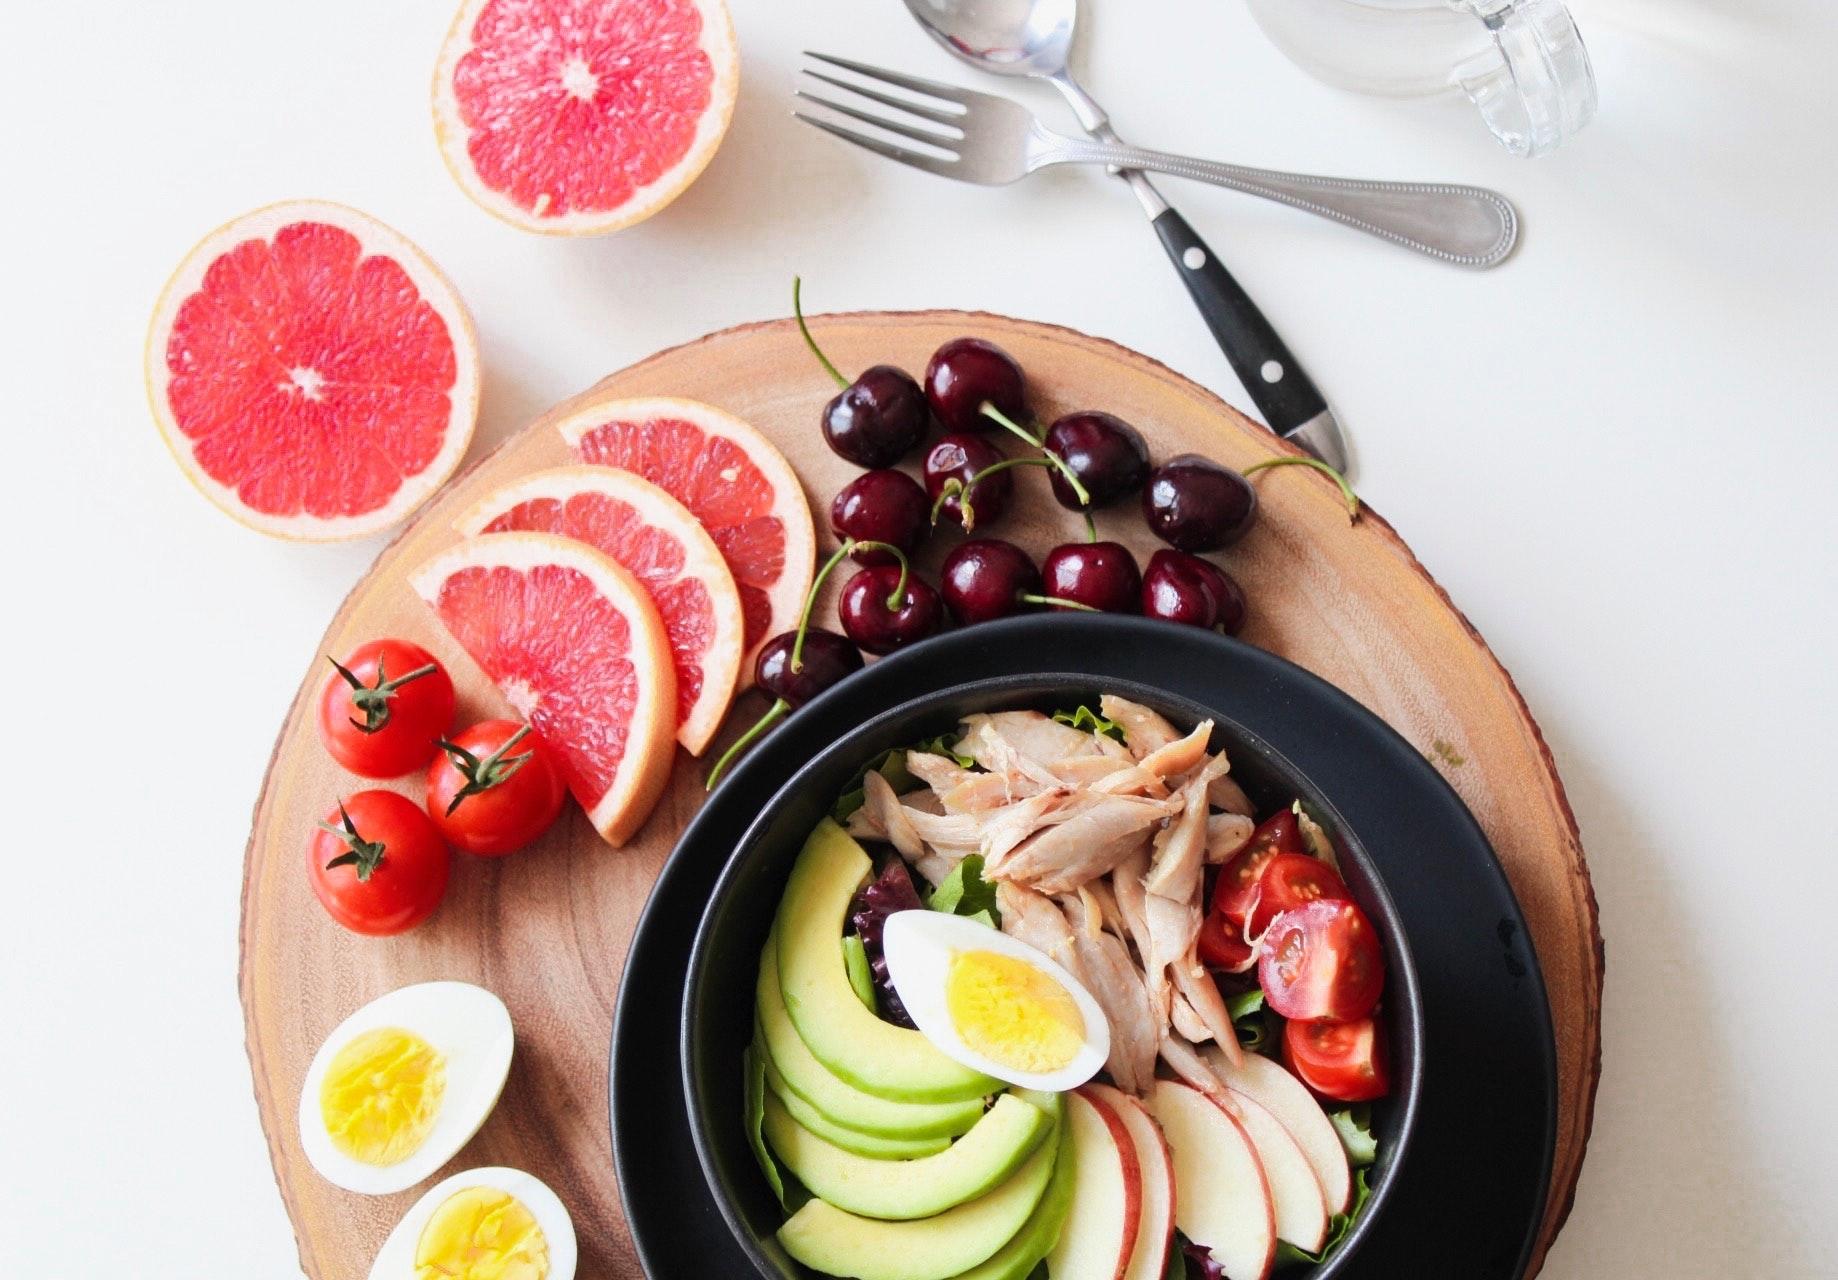 Egg og frukt